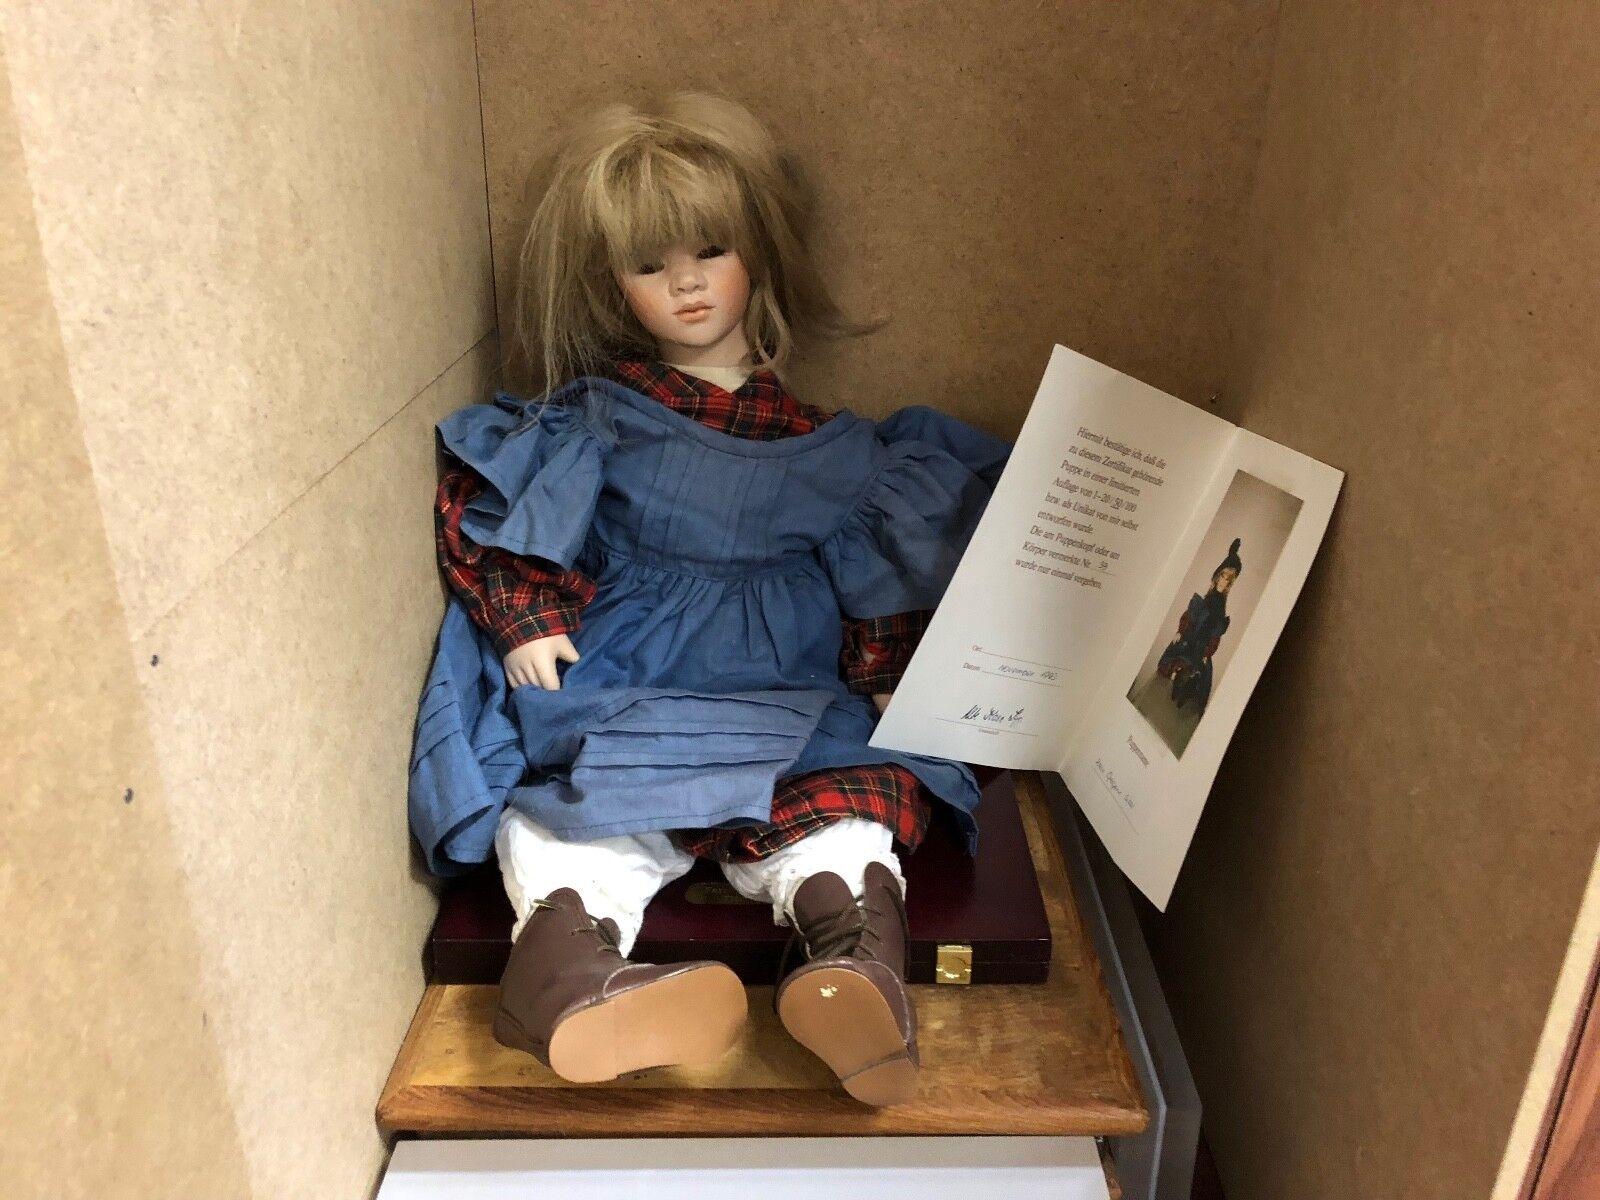 Ute Kase Lepp Porzellan Porzellan Porzellan Puppe 58 cm. Top Zustand 04d62b